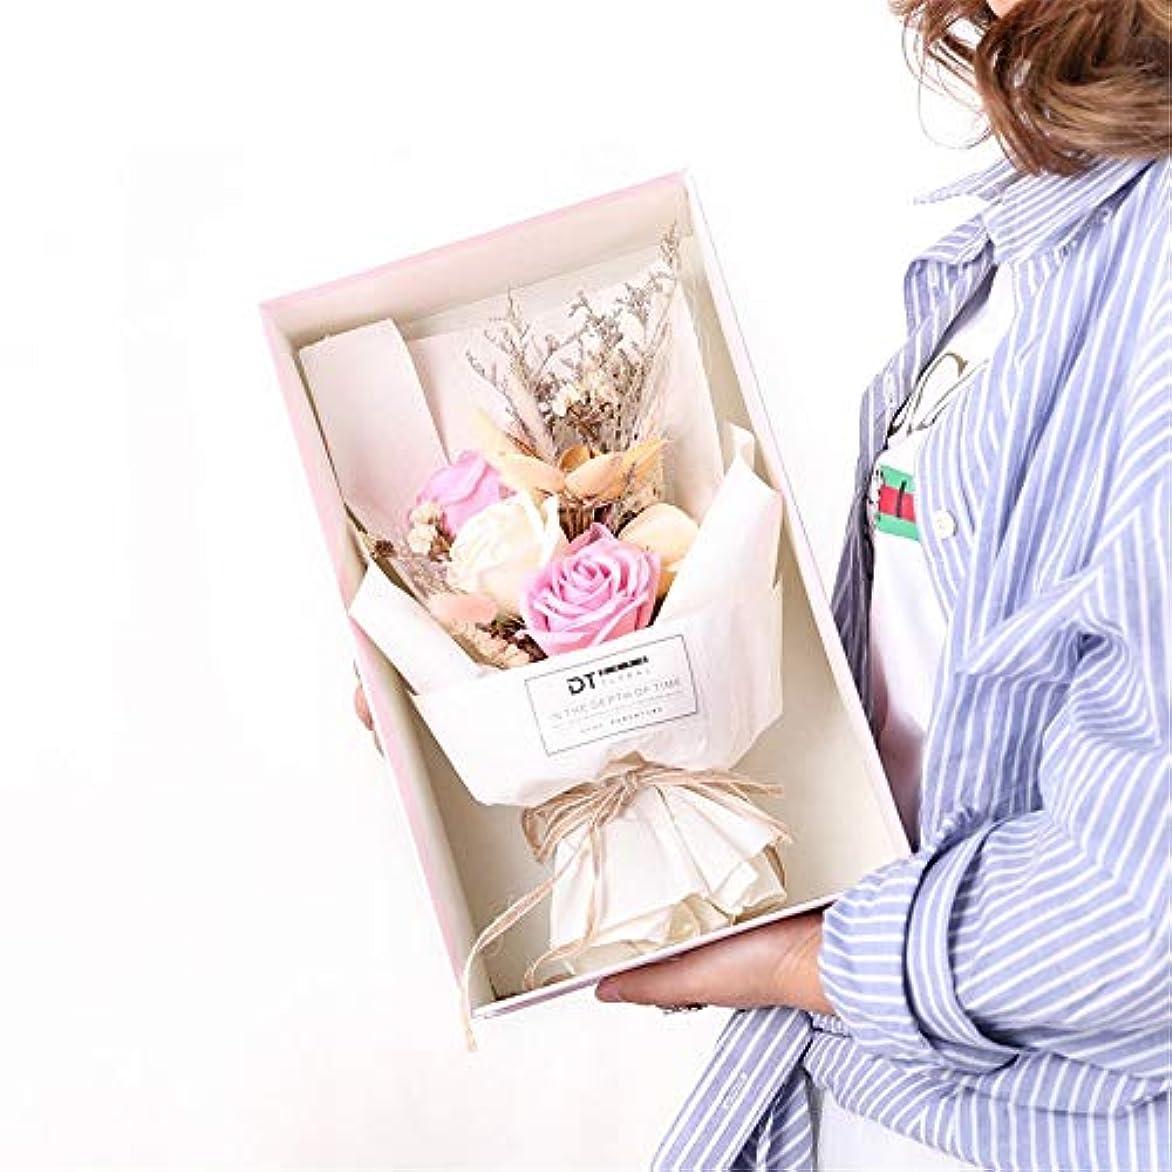 まとめるくしゃみアンプ手作りのバラ石鹸フラワーブーケのギフトボックス、女性のためのギフトバレンタインデー、母の日、結婚式、クリスマス、誕生日を愛した女の子 (色 : ピンク)